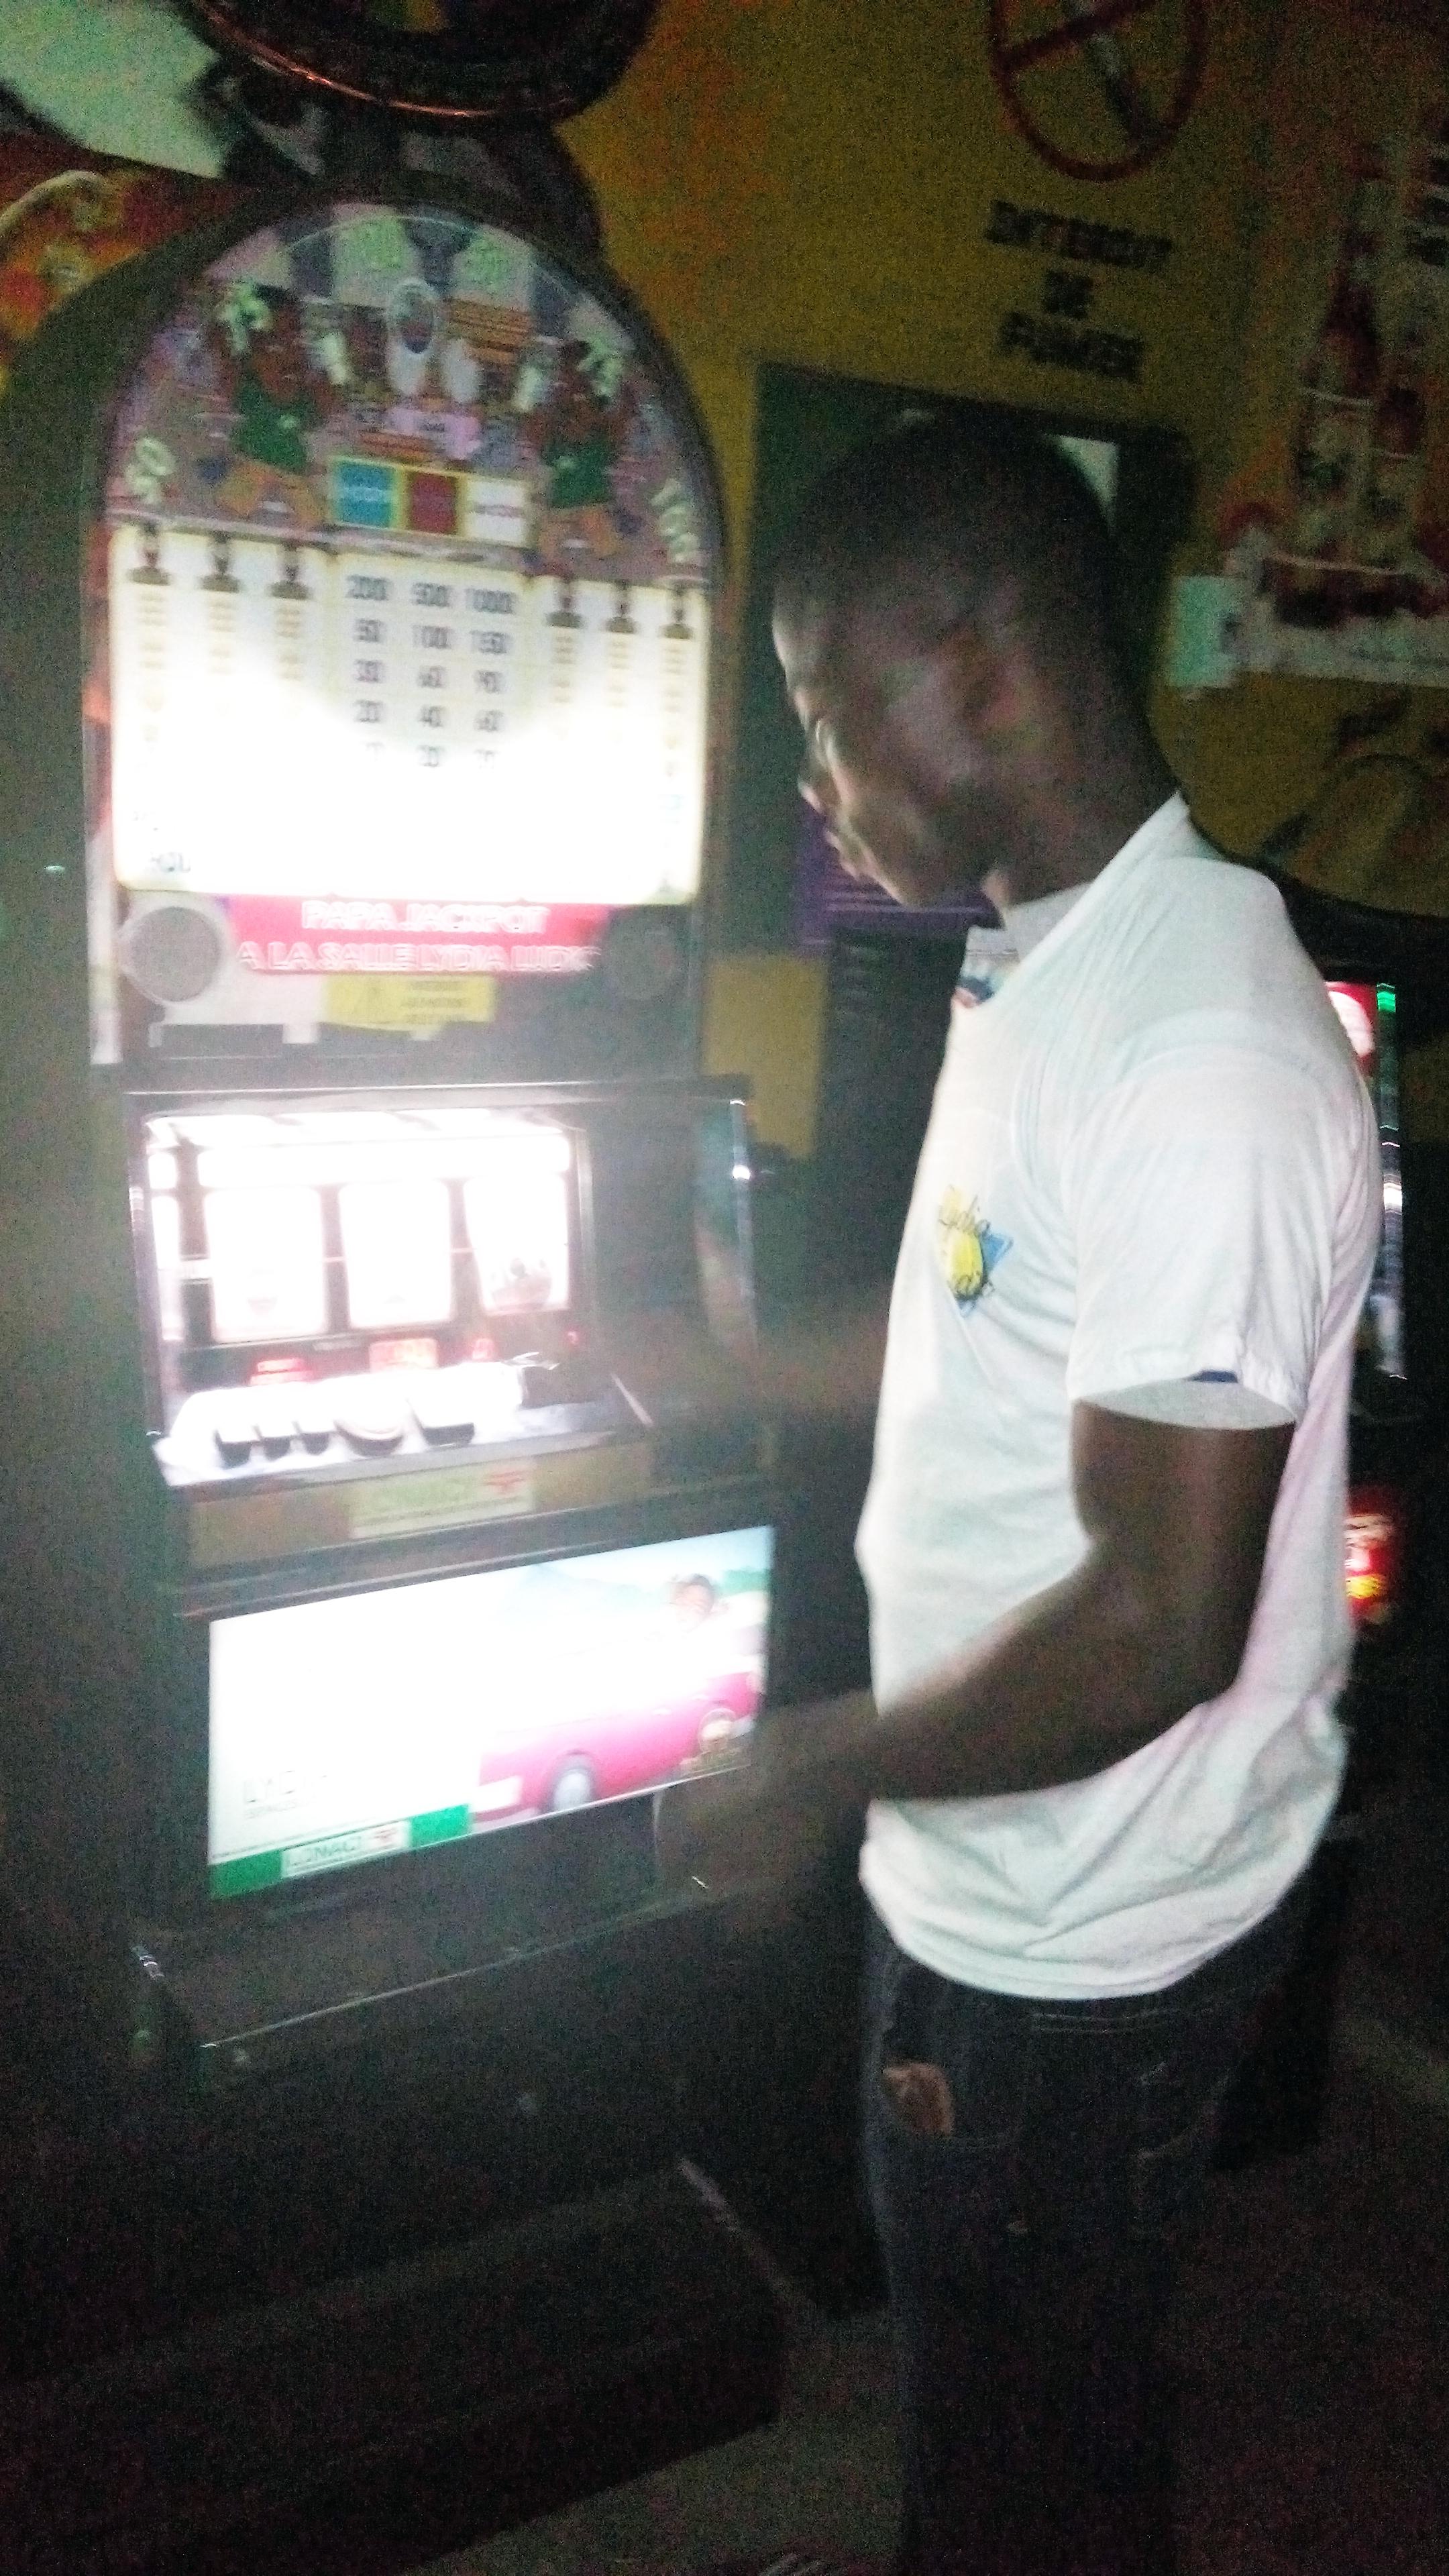 Animation Lydia Ludic Côte d'Ivoire de l'Espace de Jeux et de Loisirs situé dans le bar partenaire Trofè dans le quartier Maroc, dans la commune de Yopougon à Abidjan